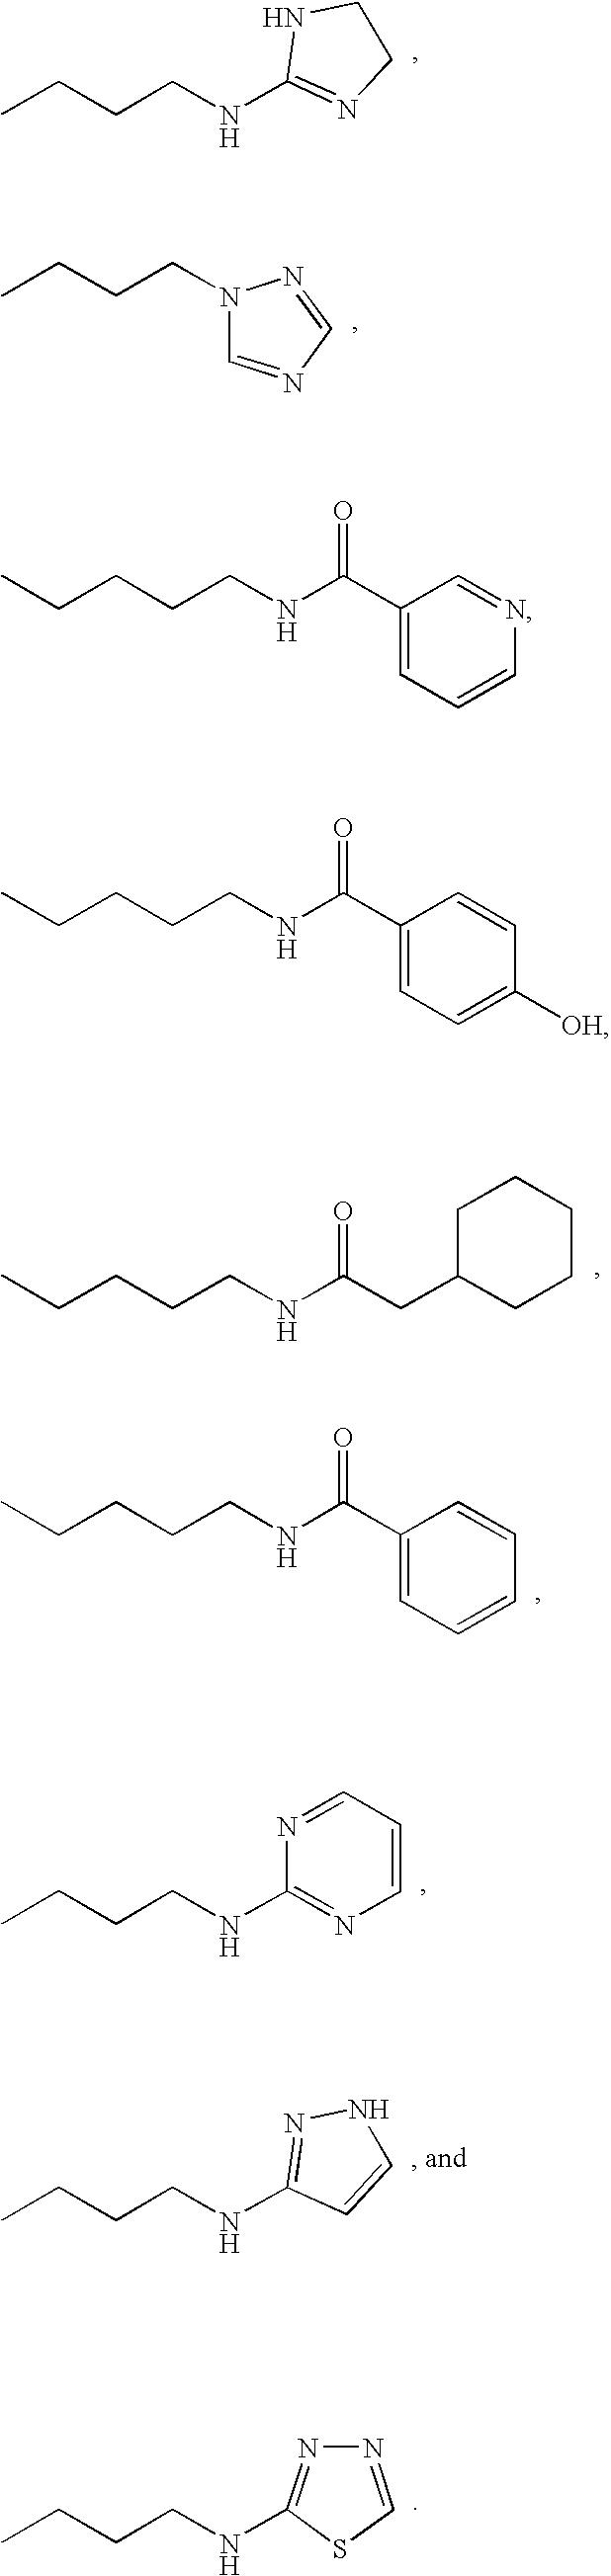 Figure US07456184-20081125-C00013